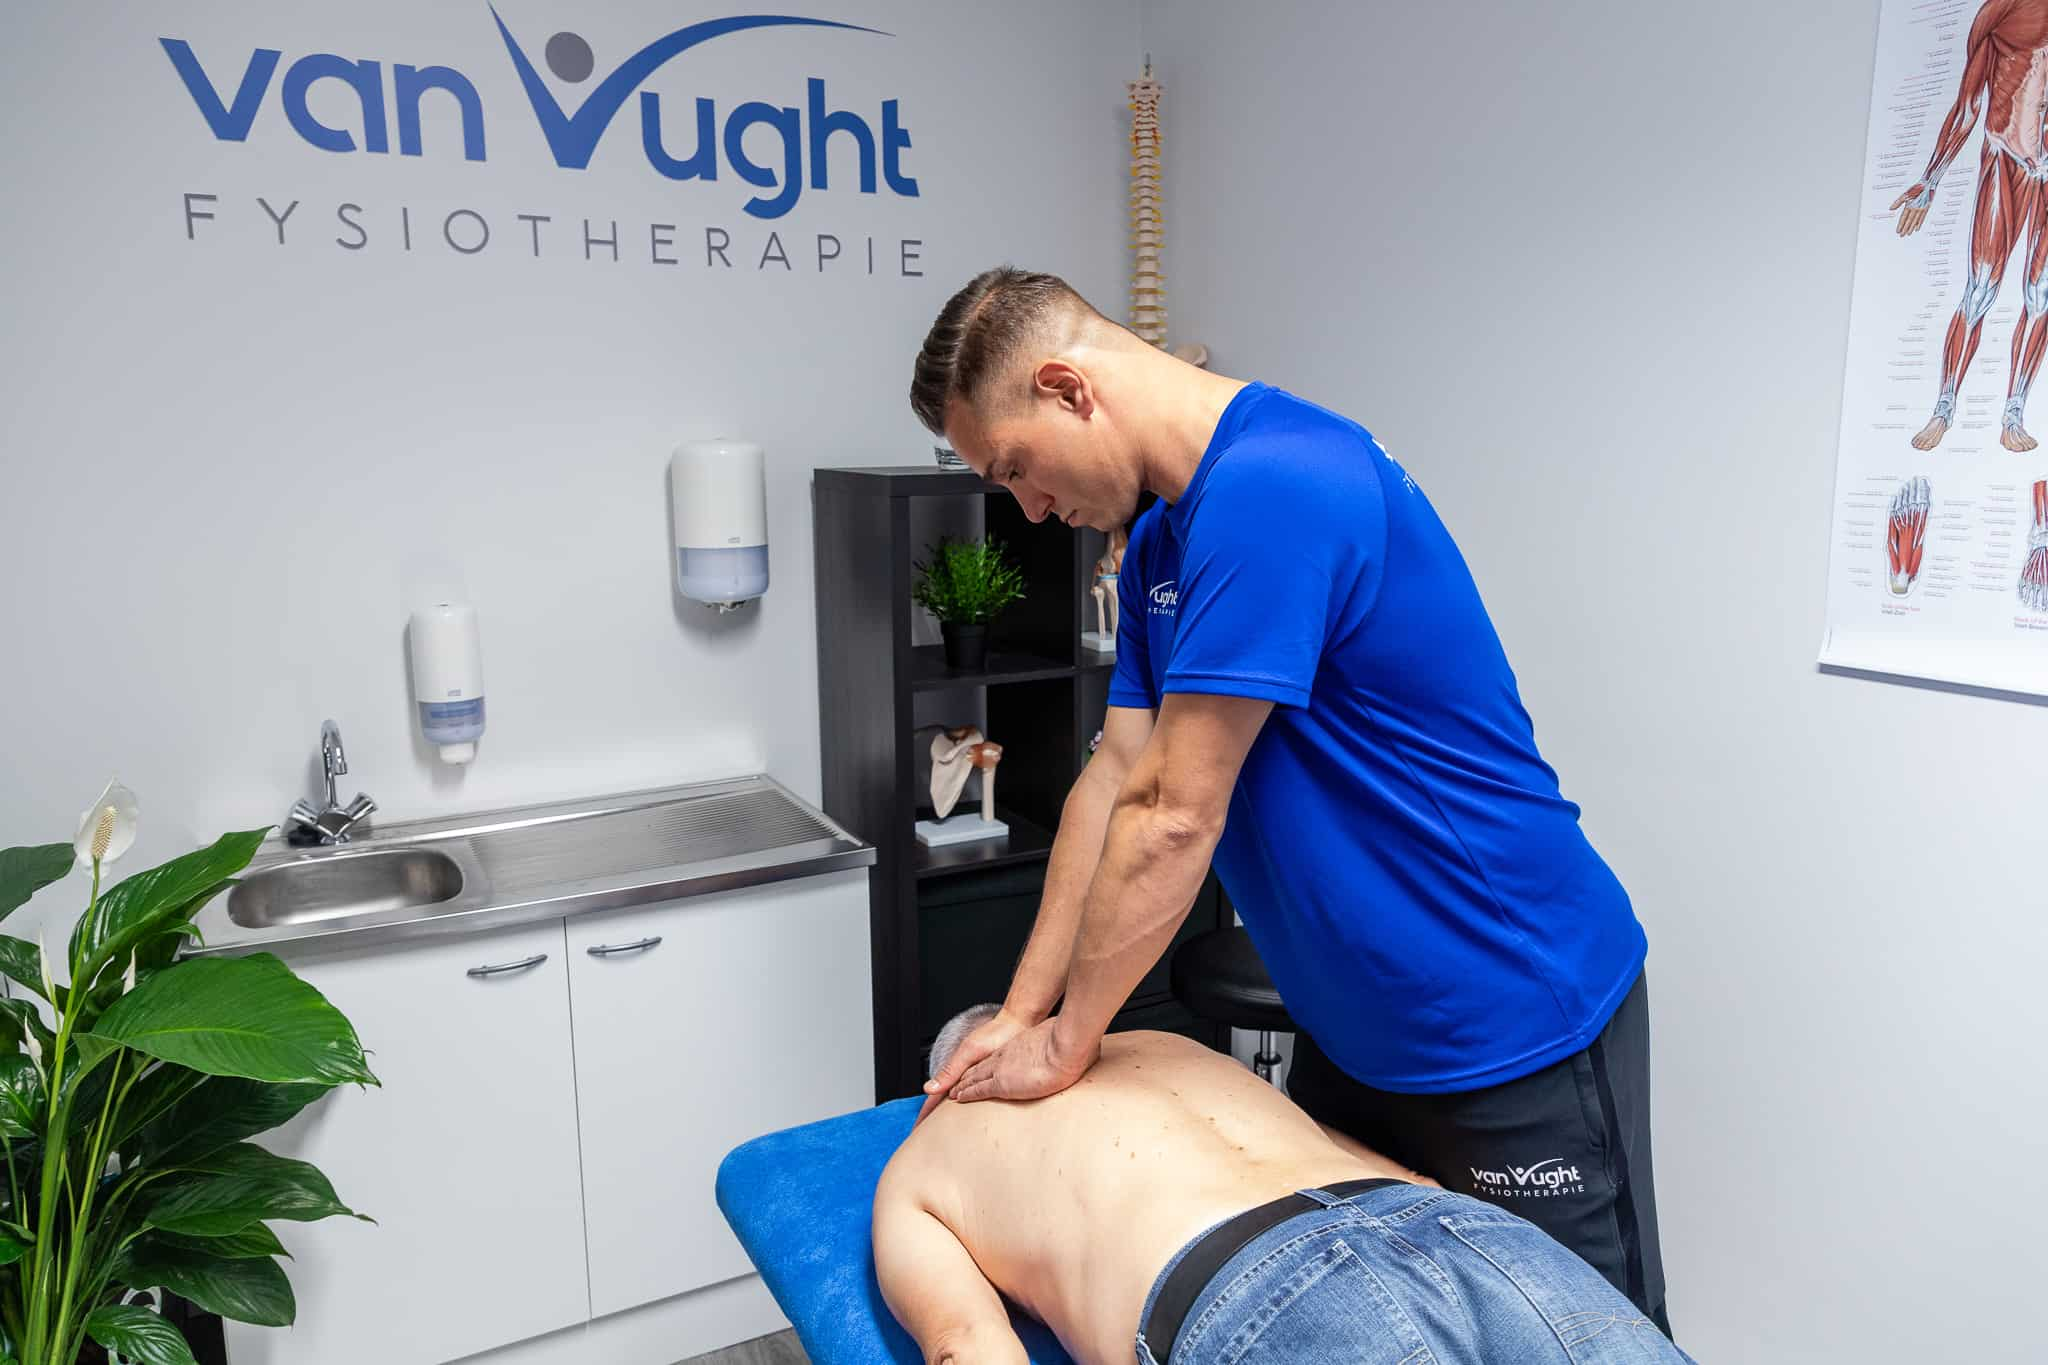 sportmassage-van-vught-fysiotherapie